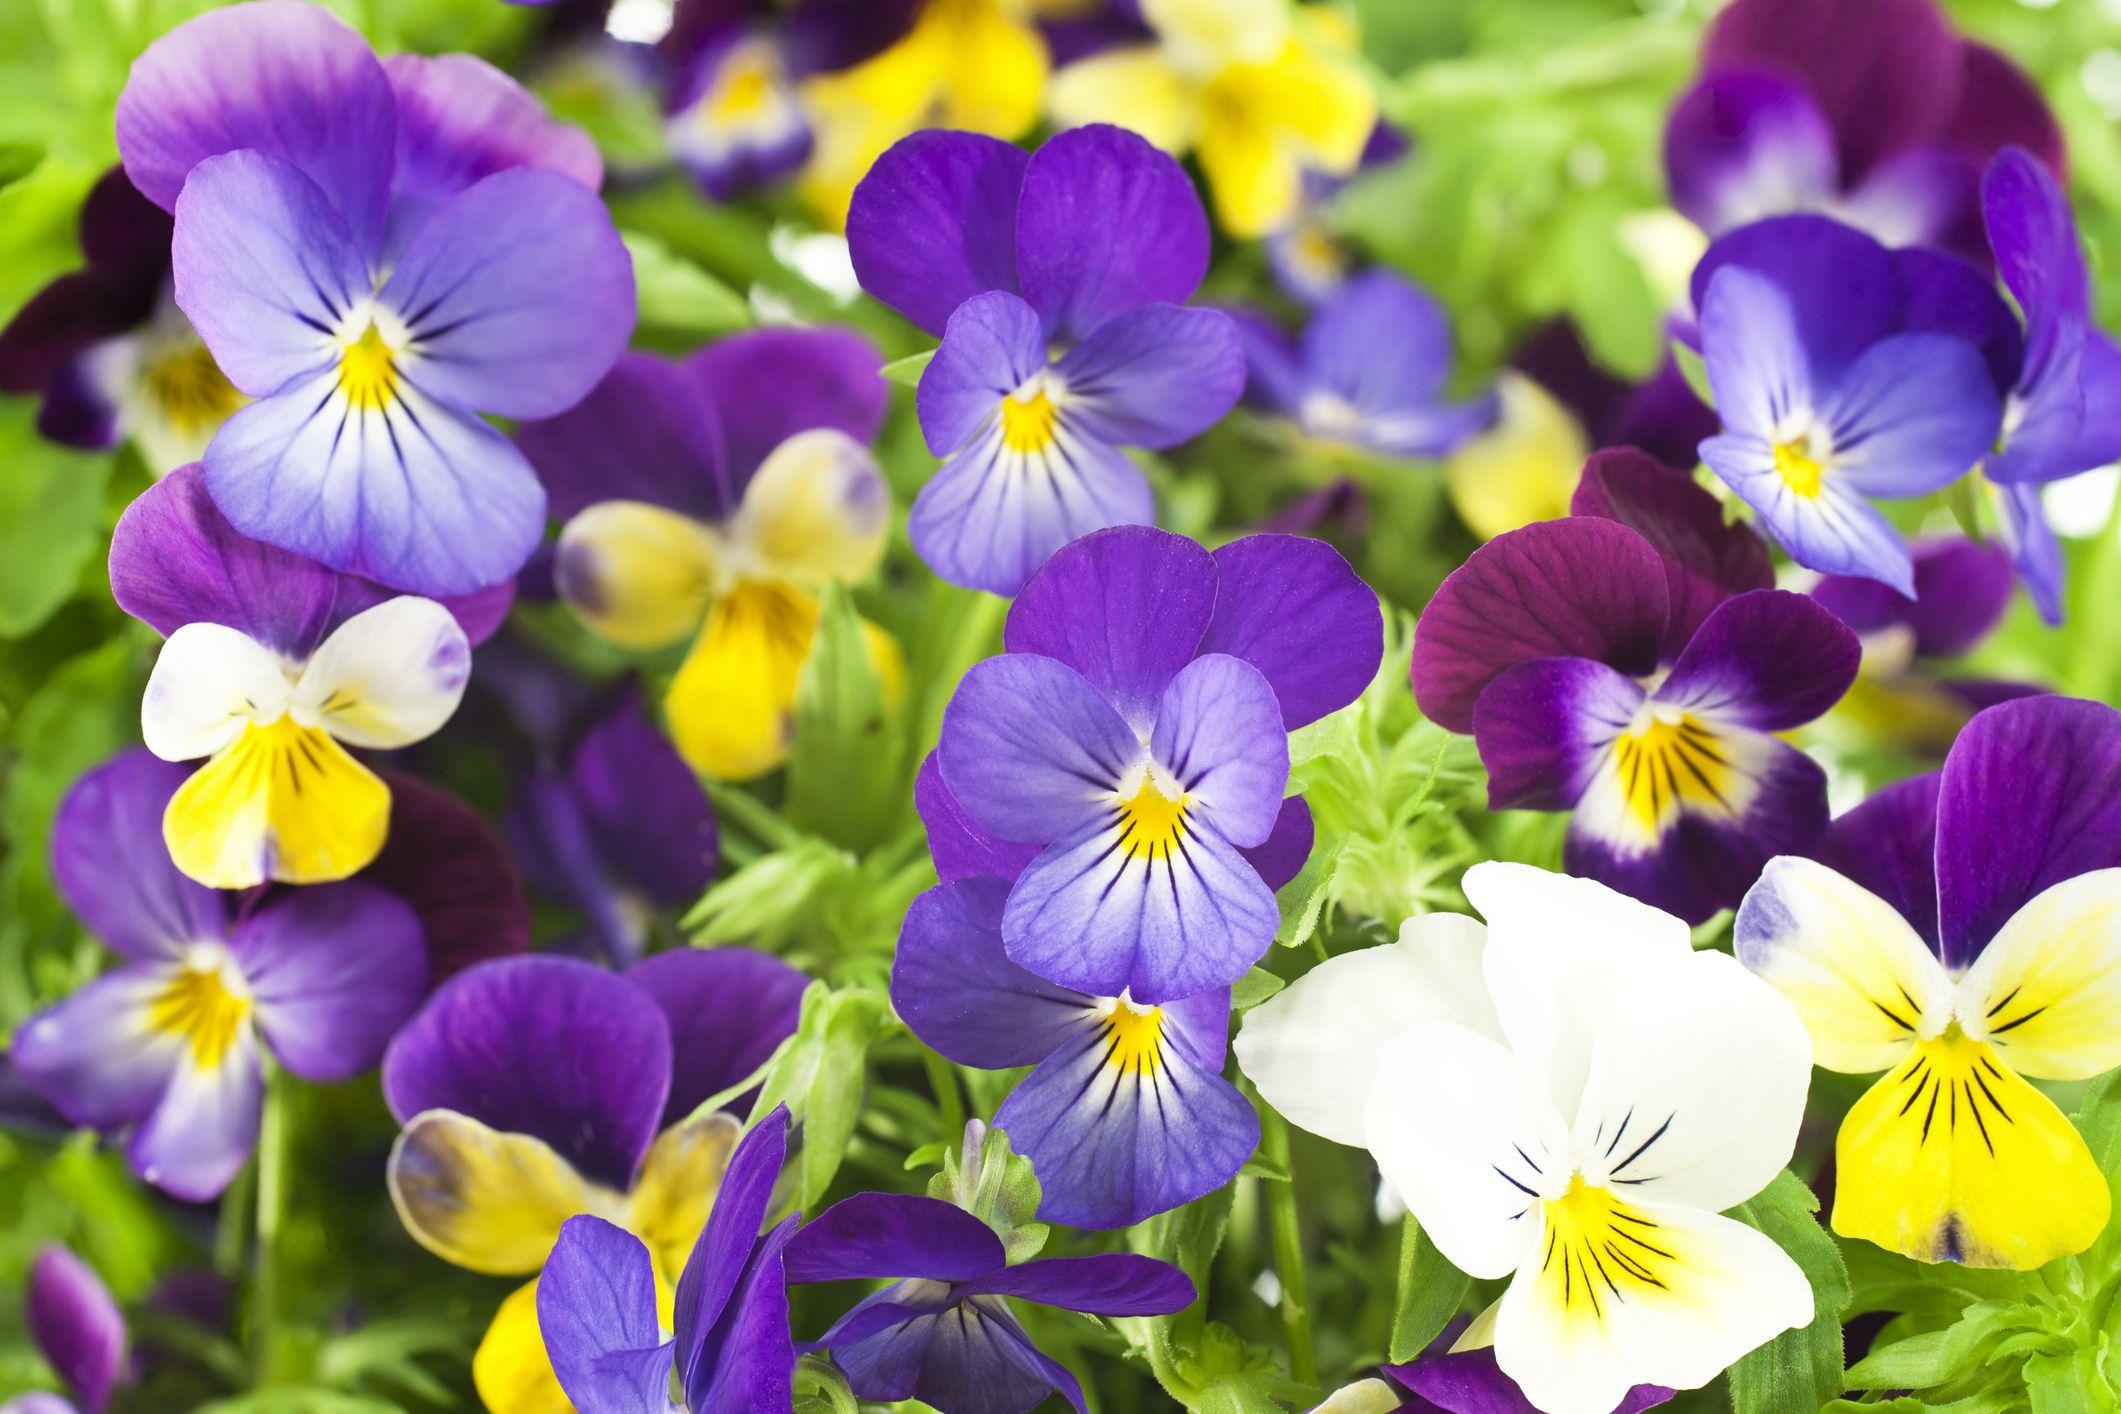 Hình ảnh những bông hoa Phăng đẹp nhất